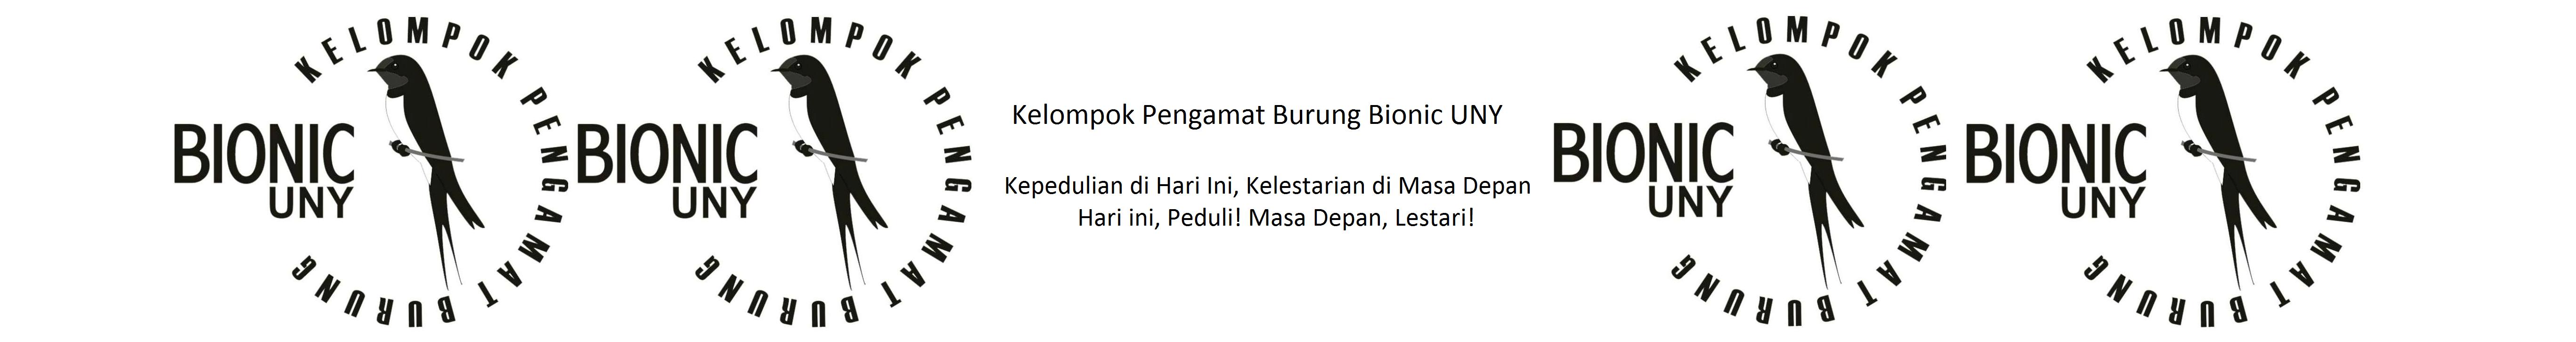 KPB Bionic UNY